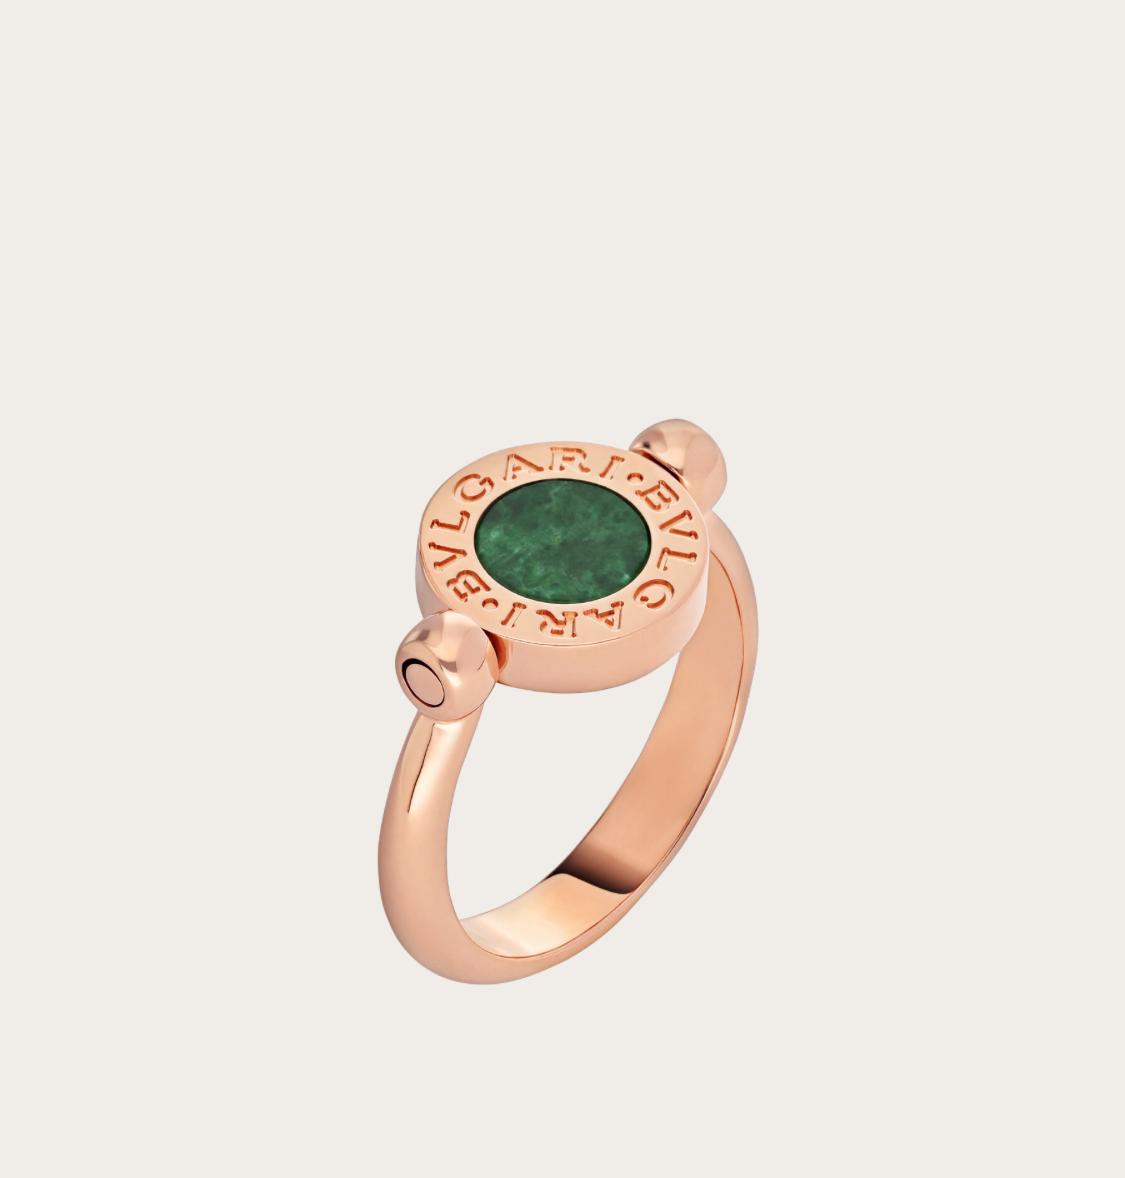 خاتم حجر اليشم من بولغري Bvlgari